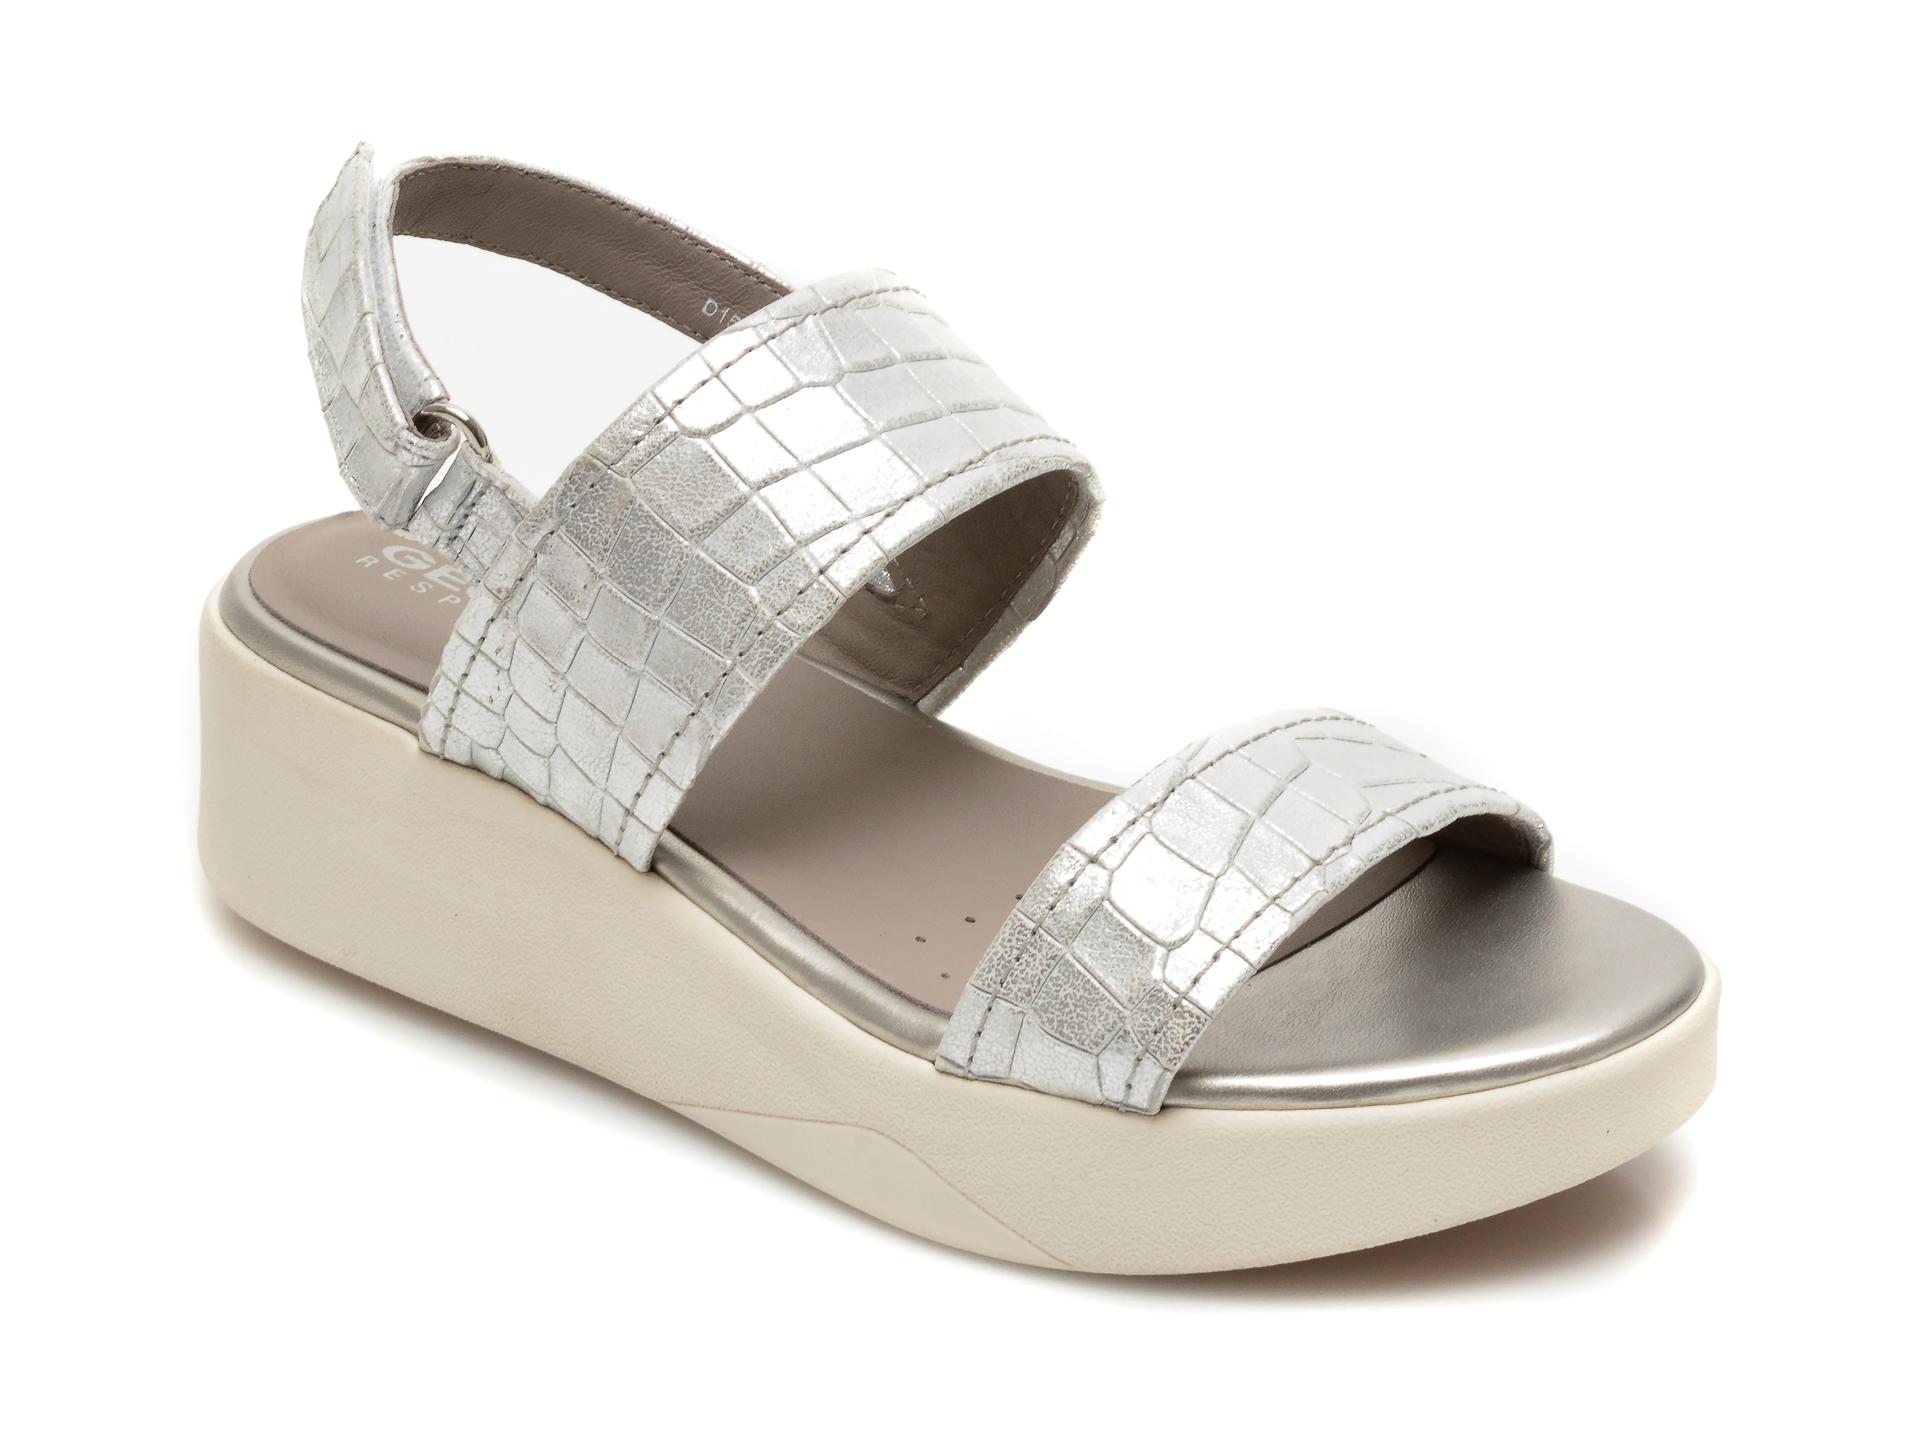 Sandale GEOX argintii, D15MPC, din piele naturala